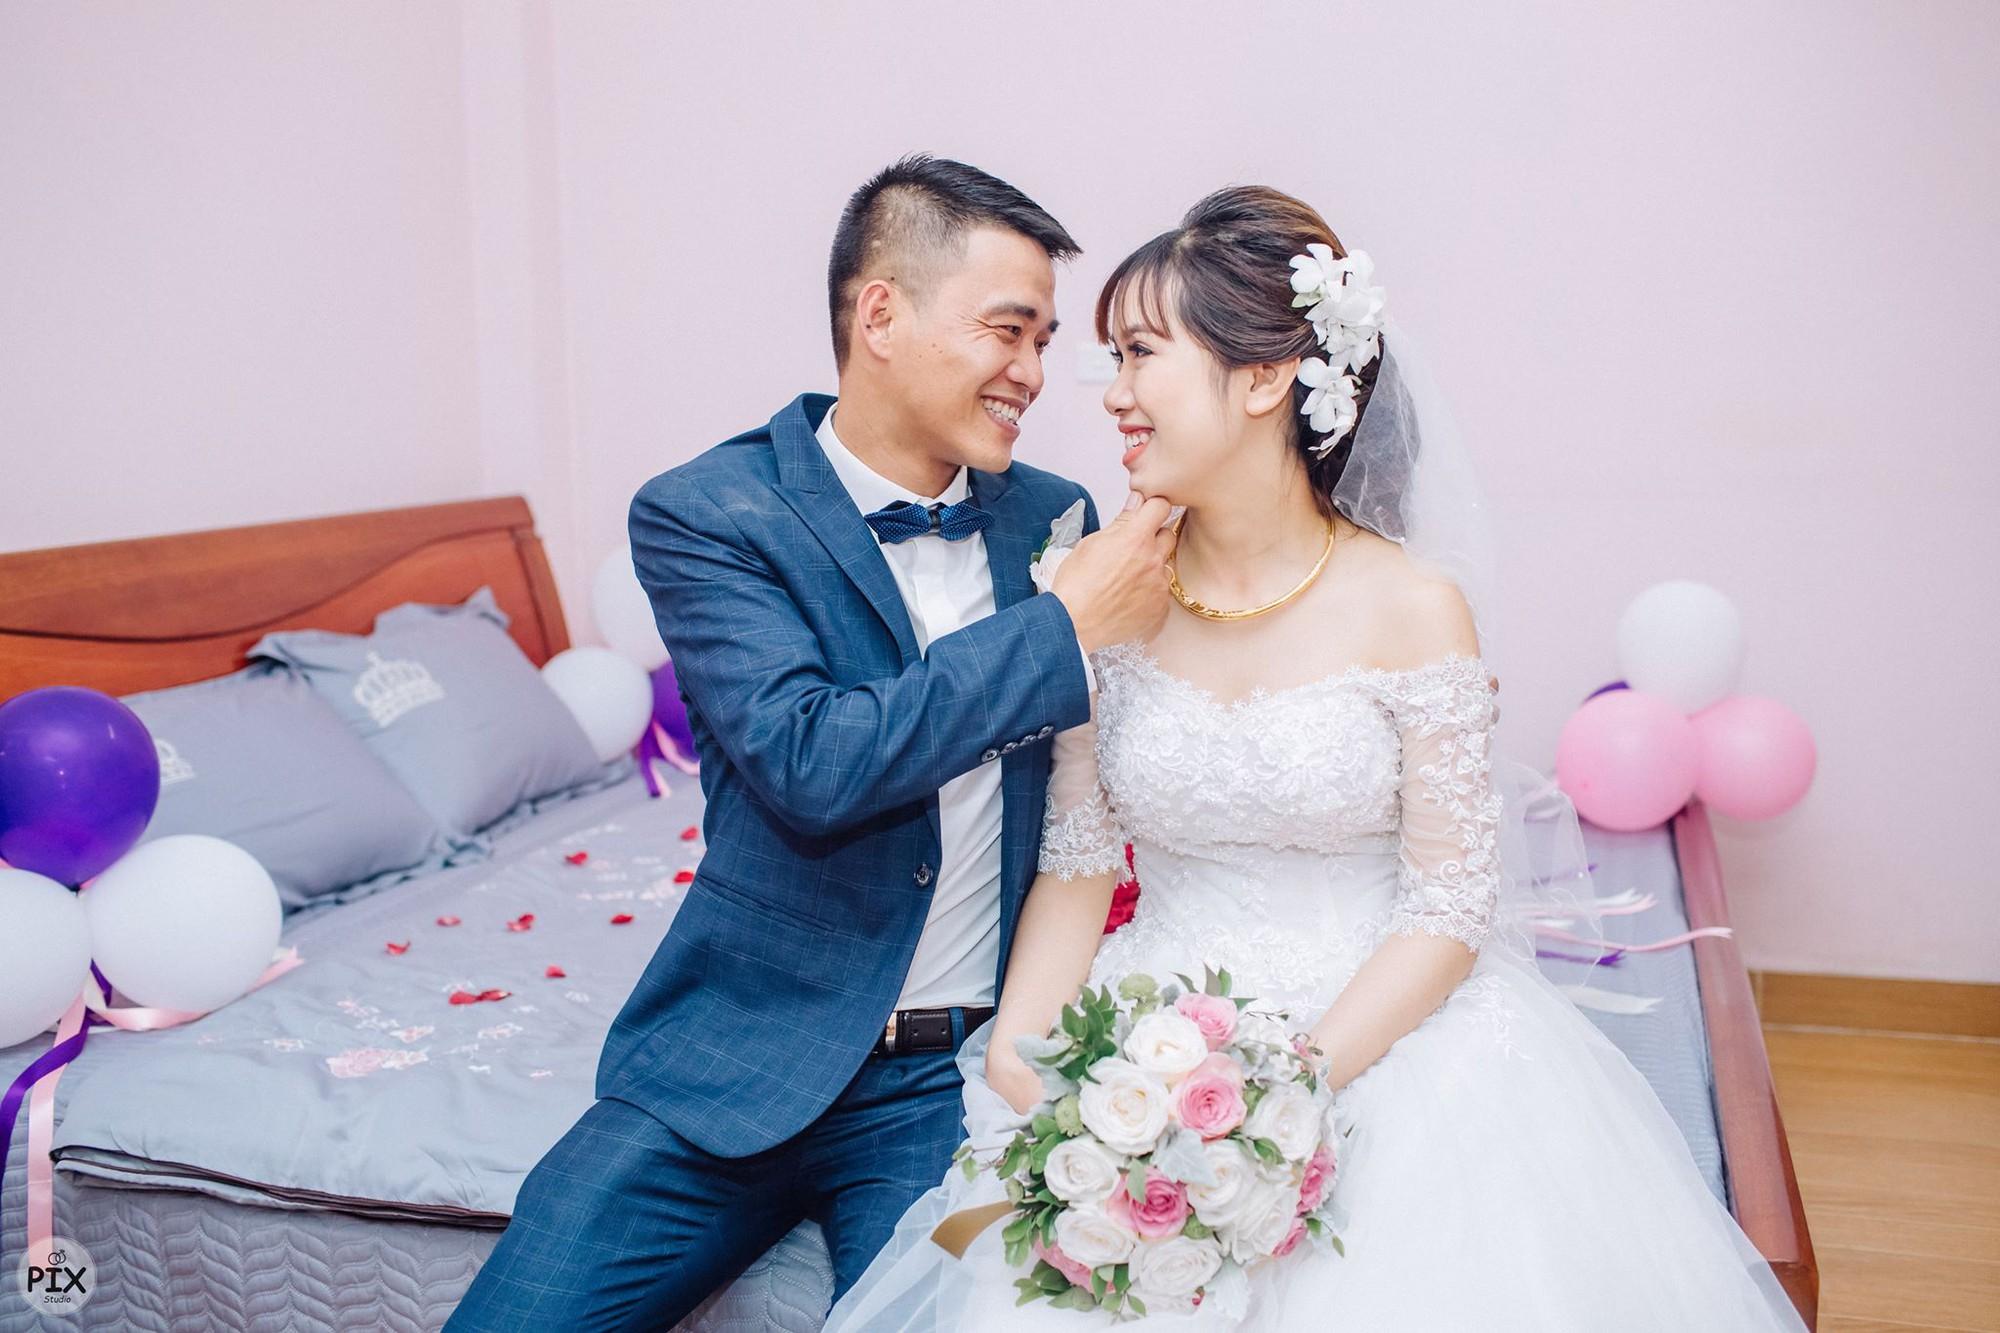 Chuyện đột kích của trai ế 36 tuổi bỗng dưng vớ được cô dâu 2k-4